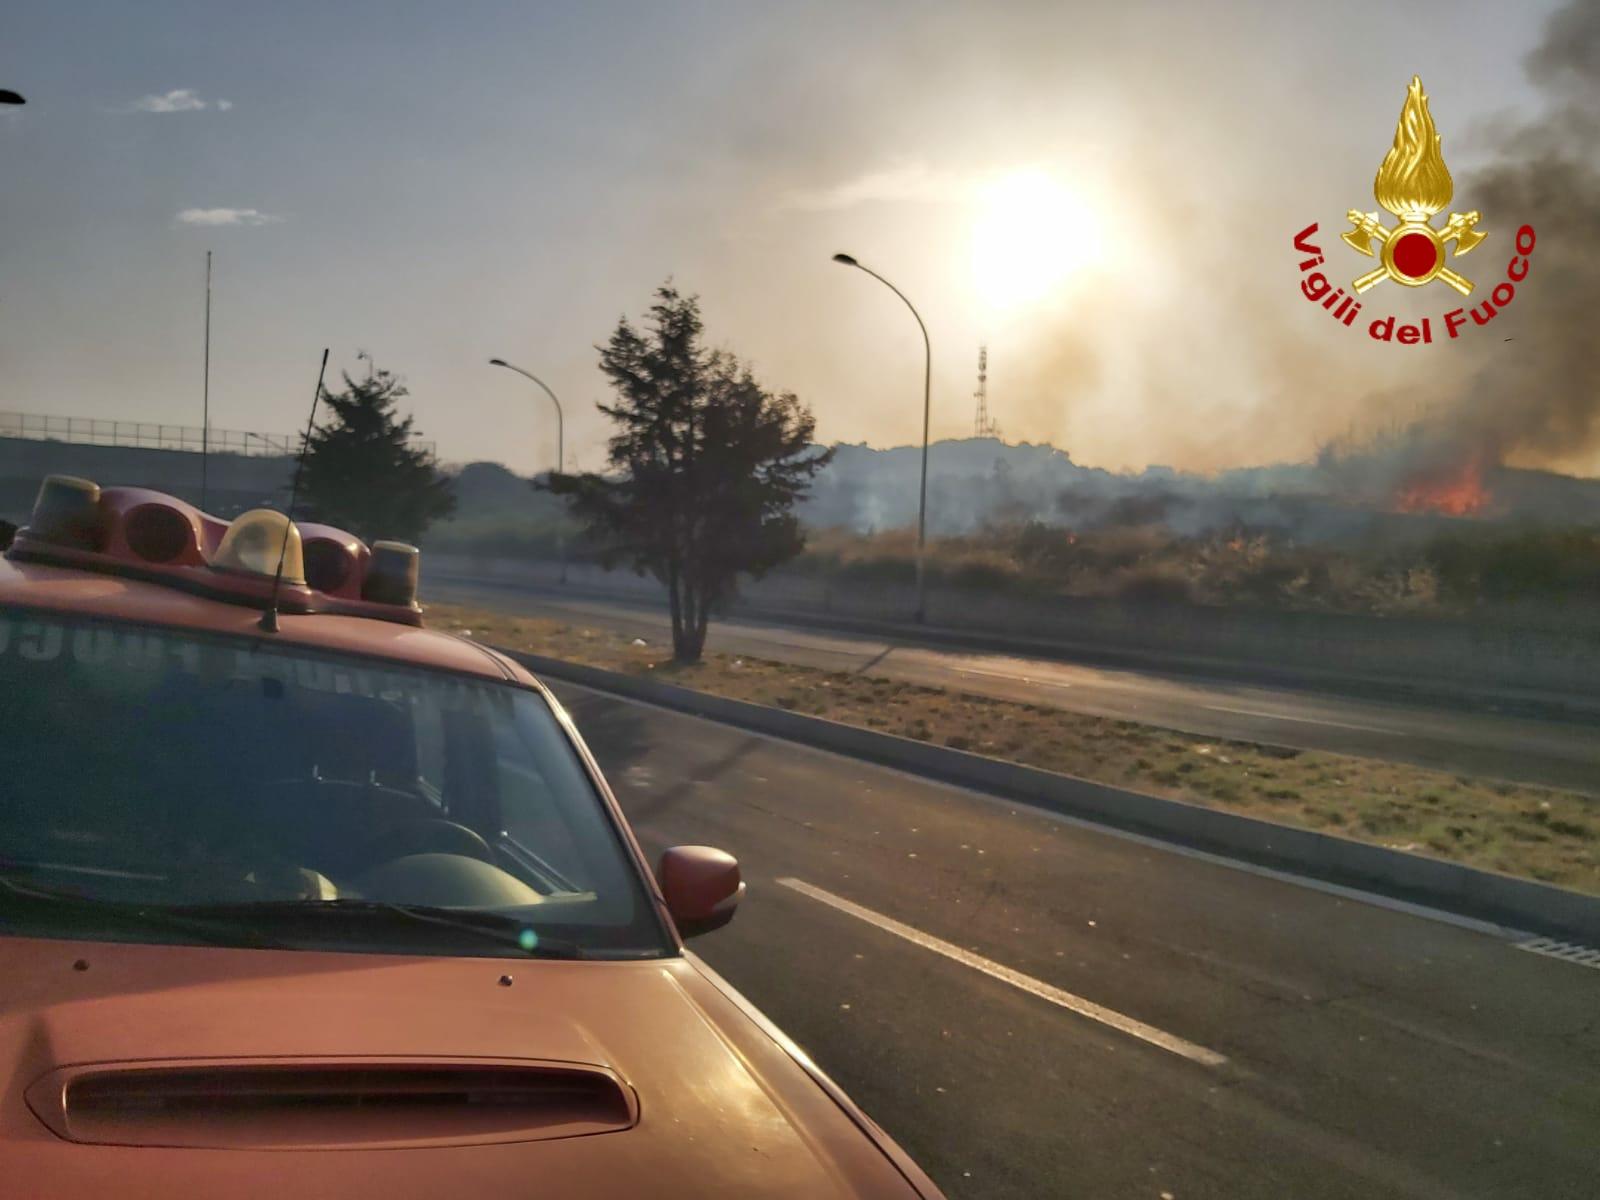 Paura a San Giorgio, vasto incendio vicino al Borgo delle Magnolie: fiamme alimentate dal vento – FOTO